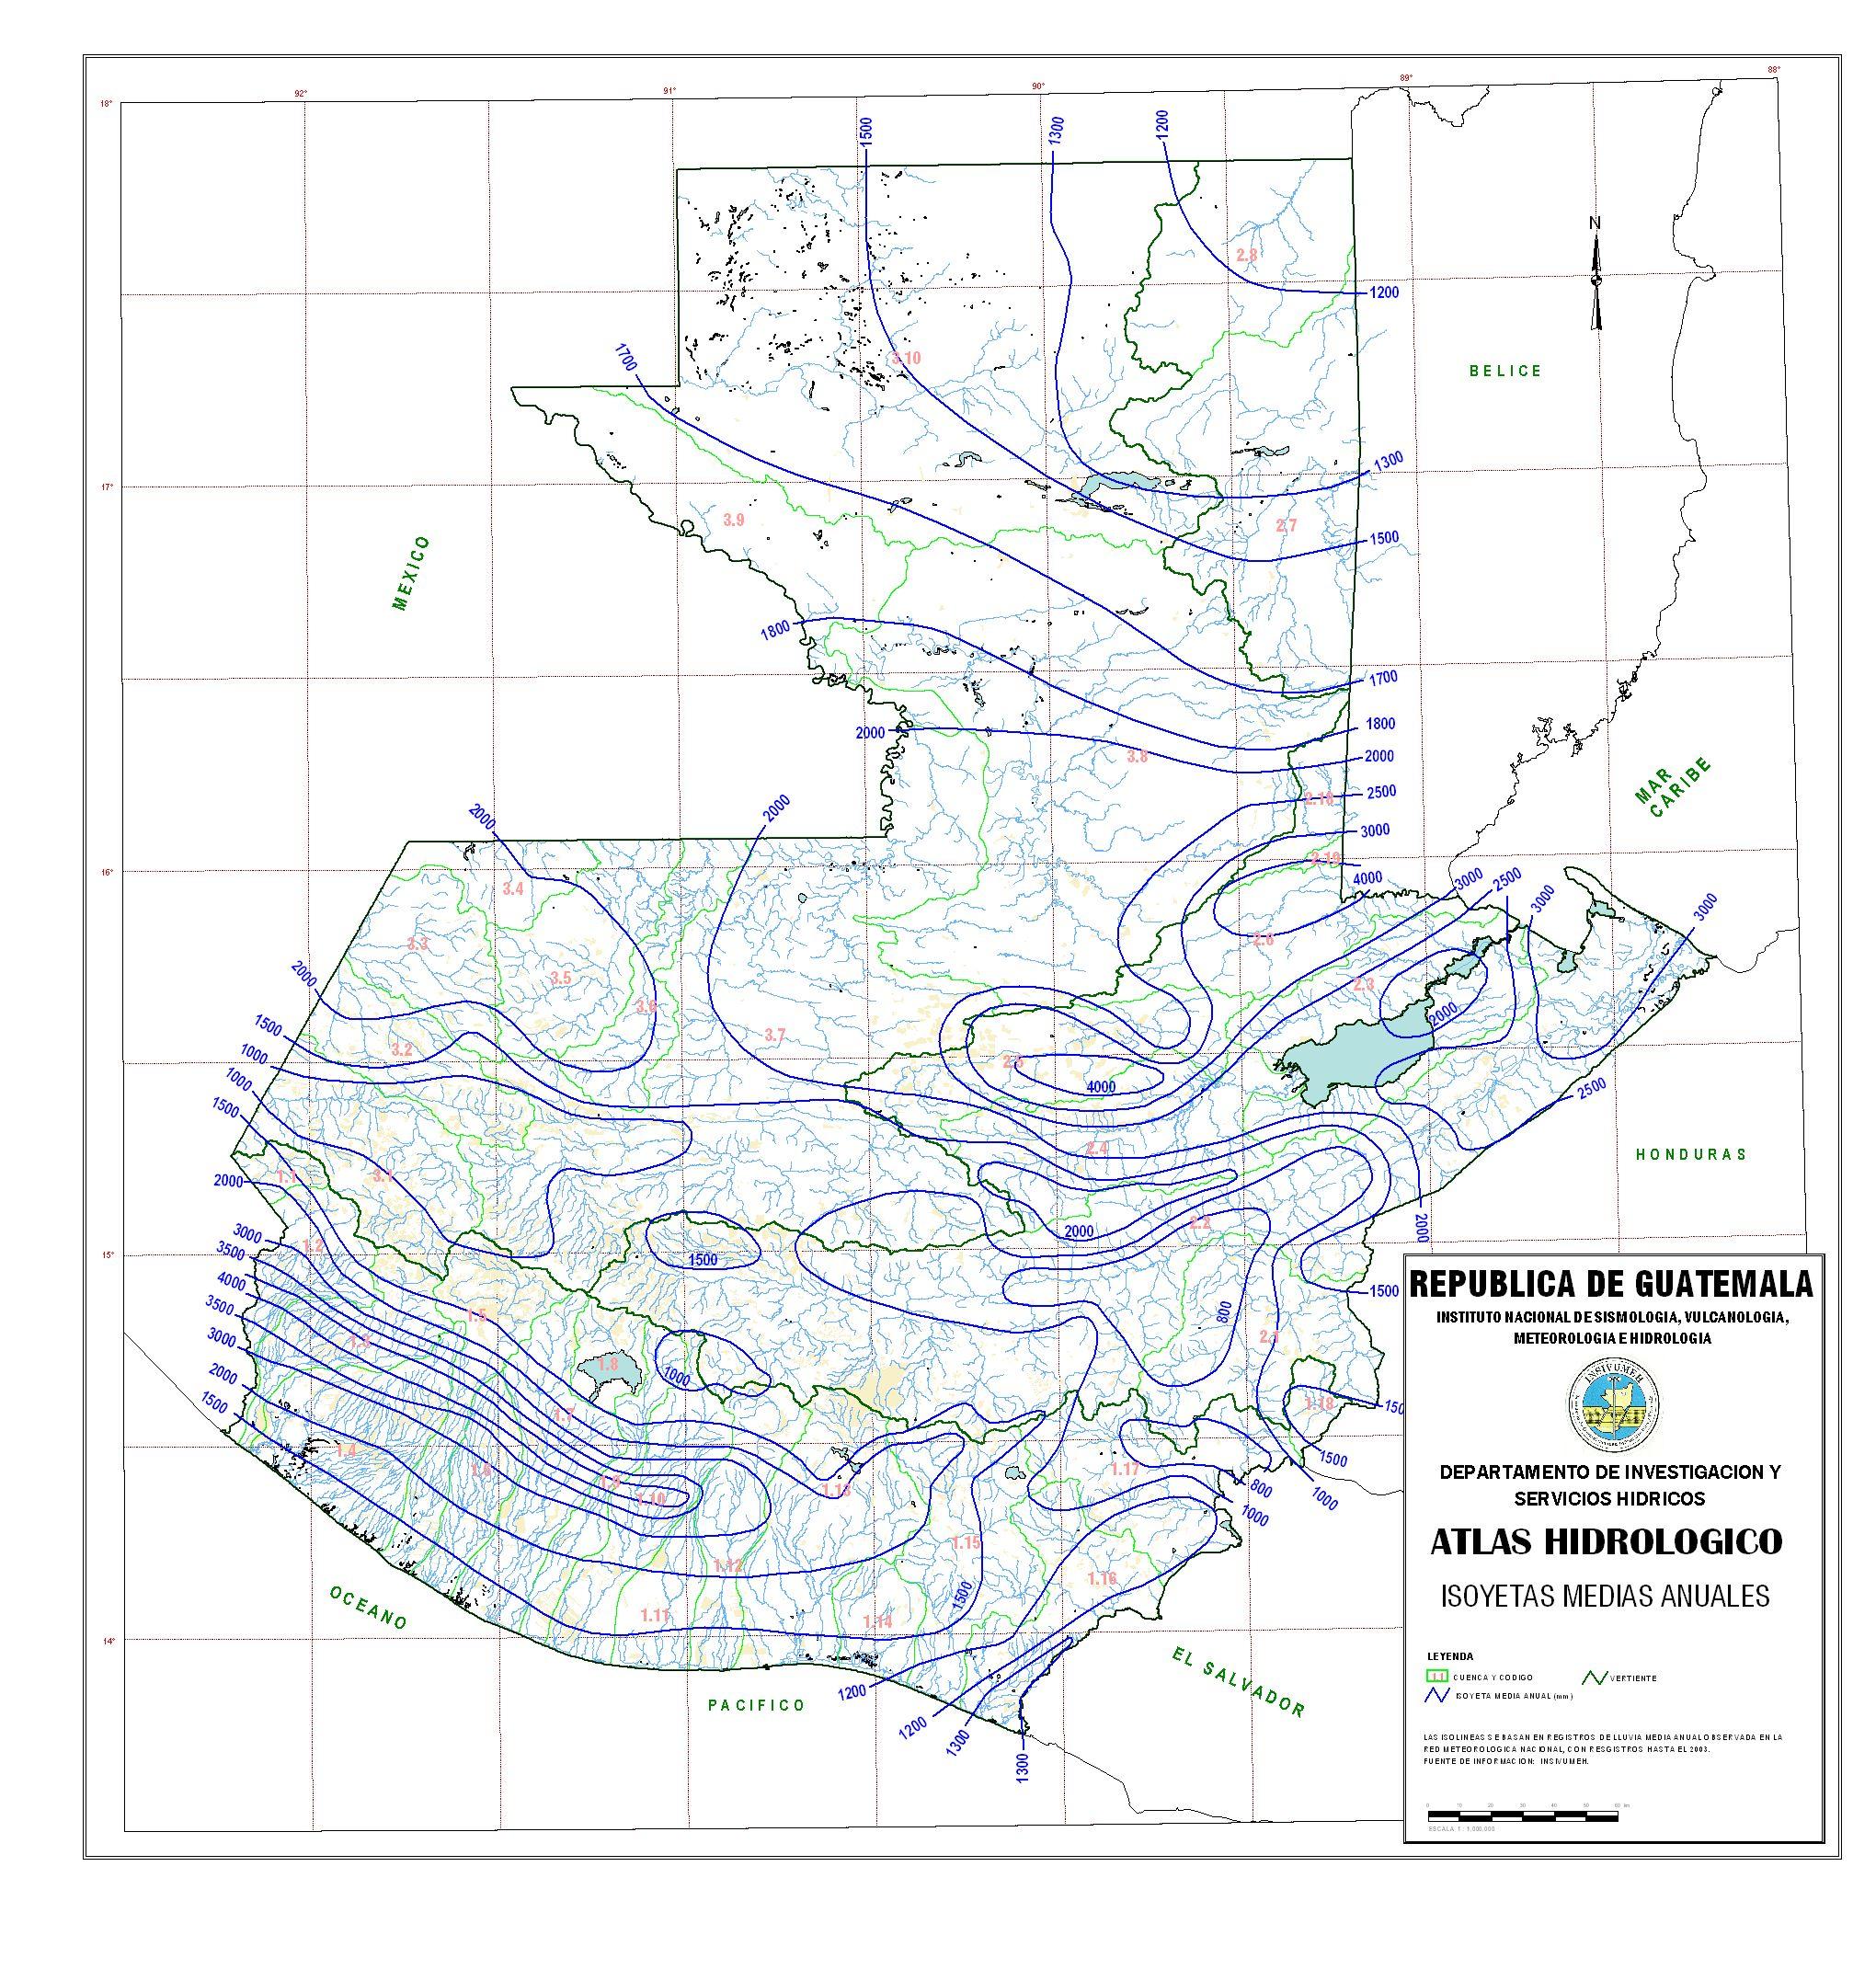 Precipitaciones medias anuales en Guatemala 2003